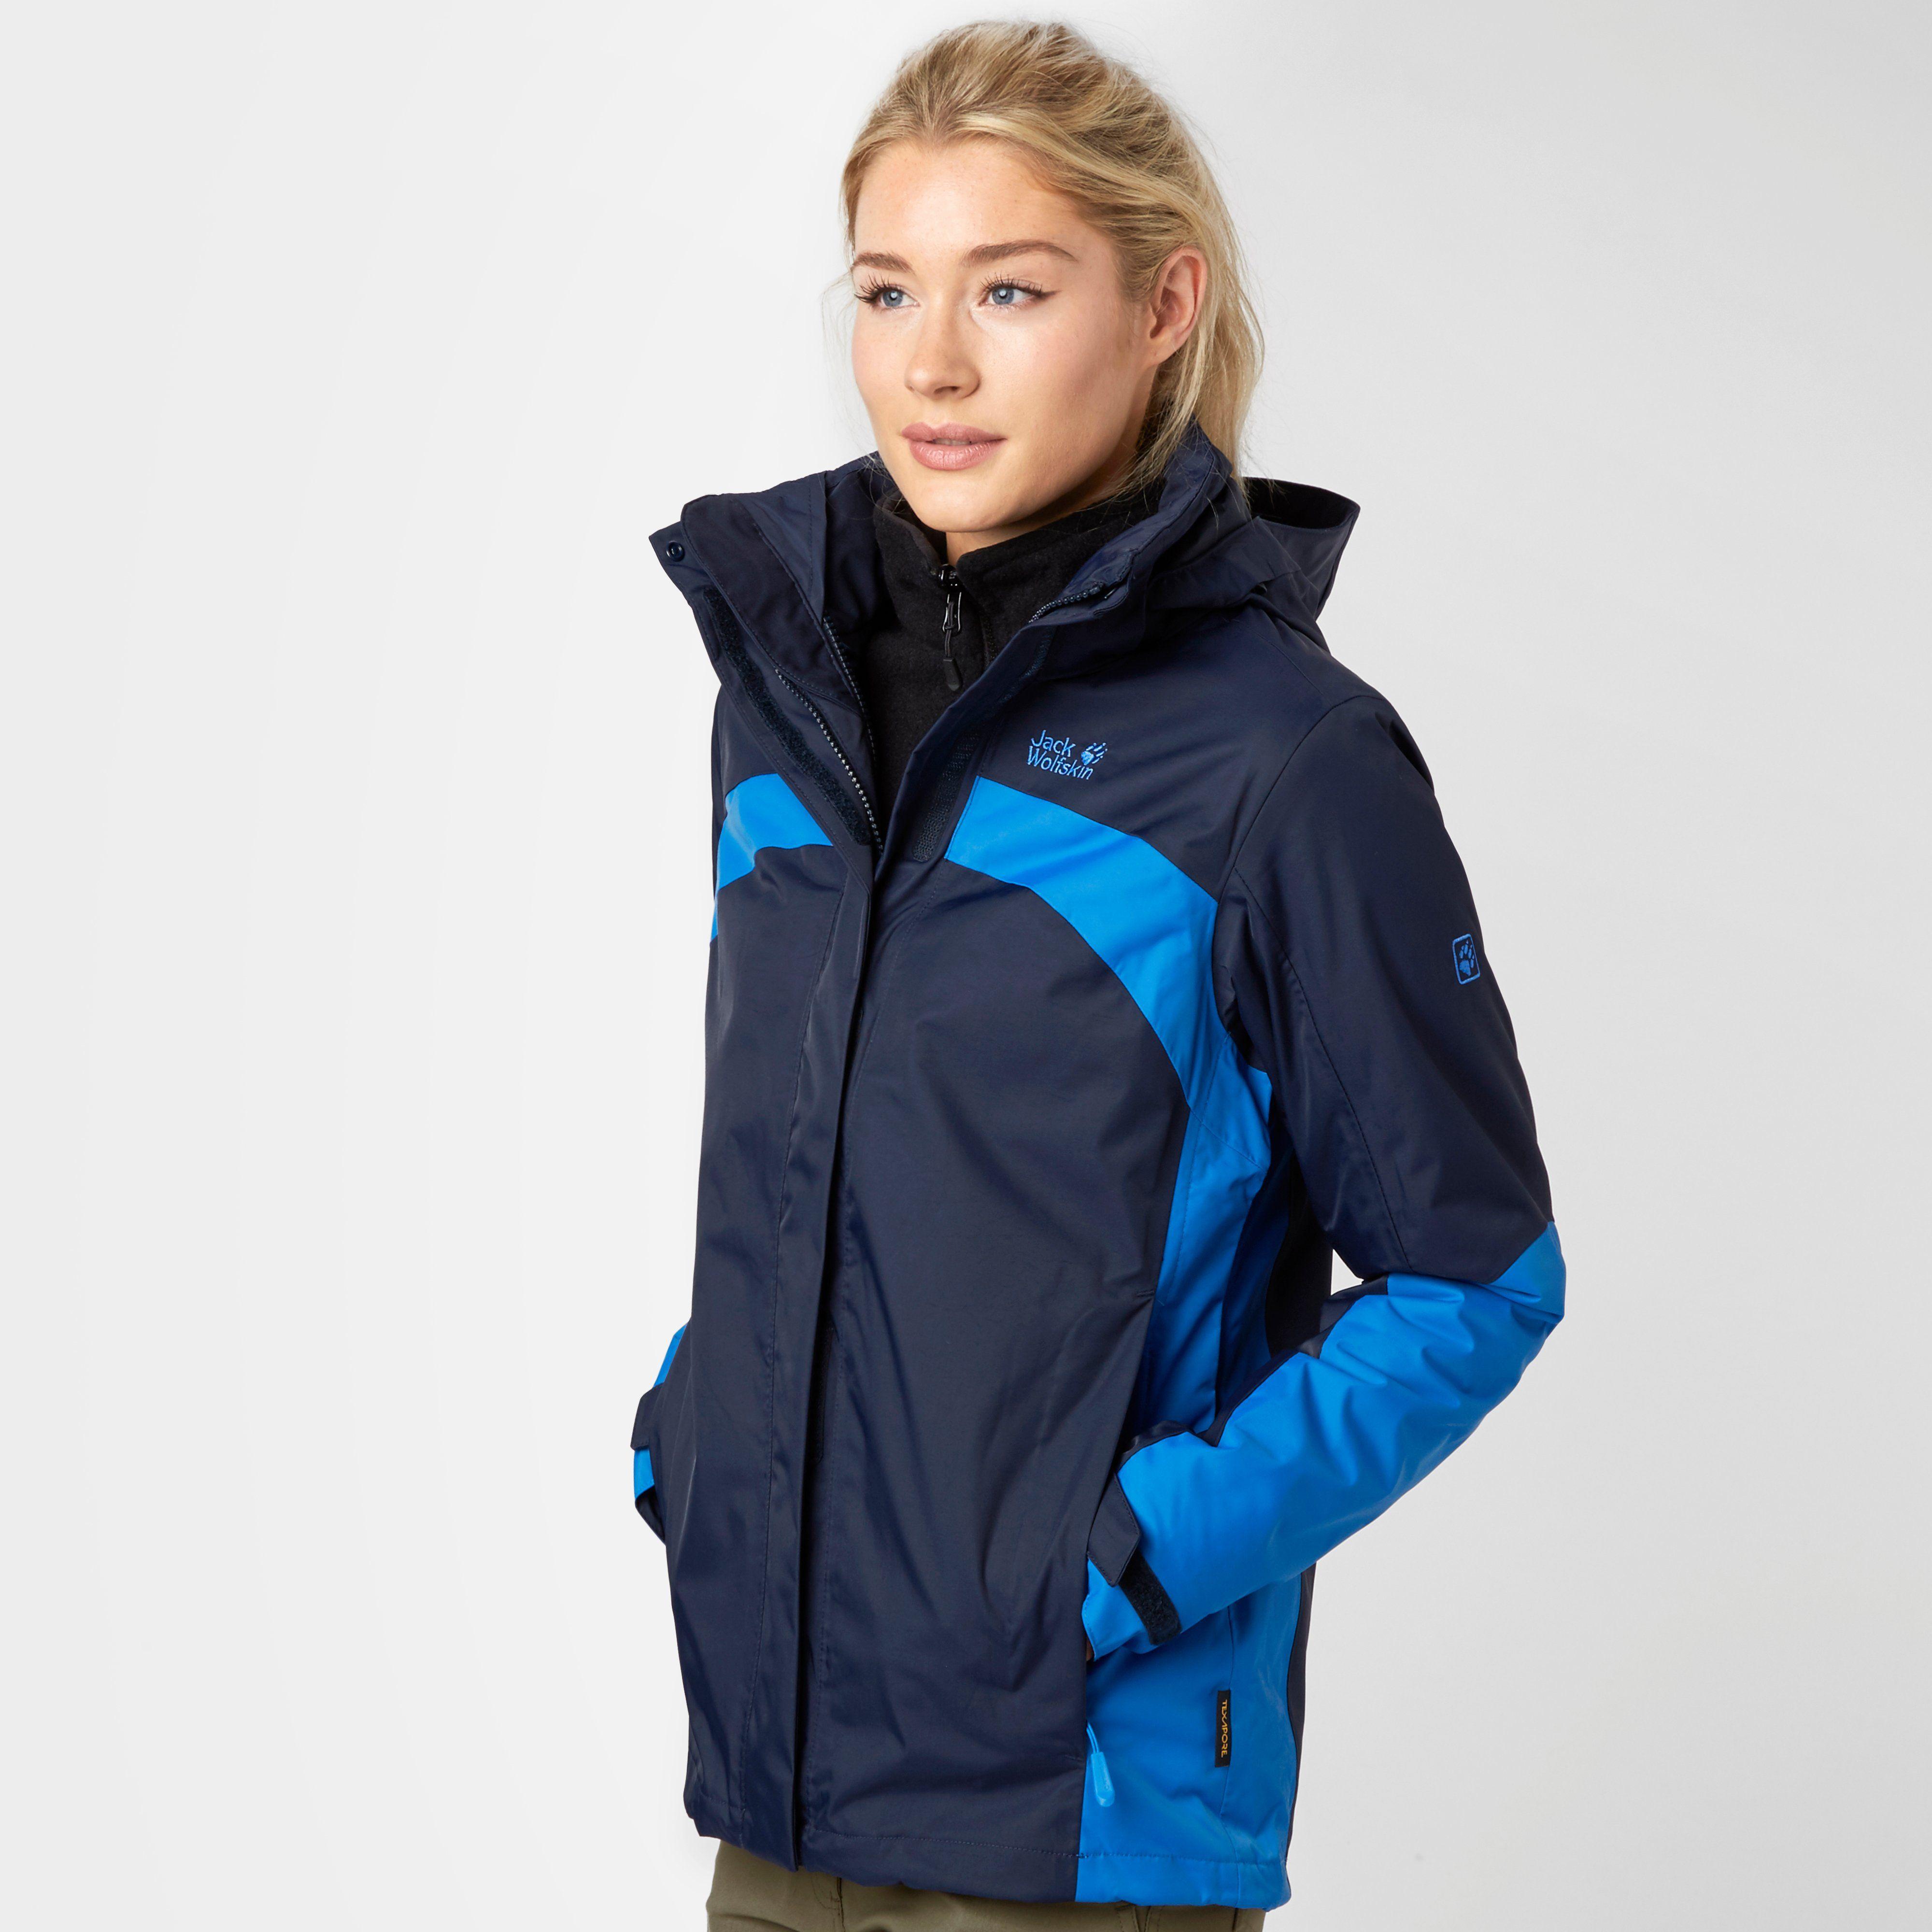 JACK WOLFSKIN Women's Risco 3 in 1 Jacket